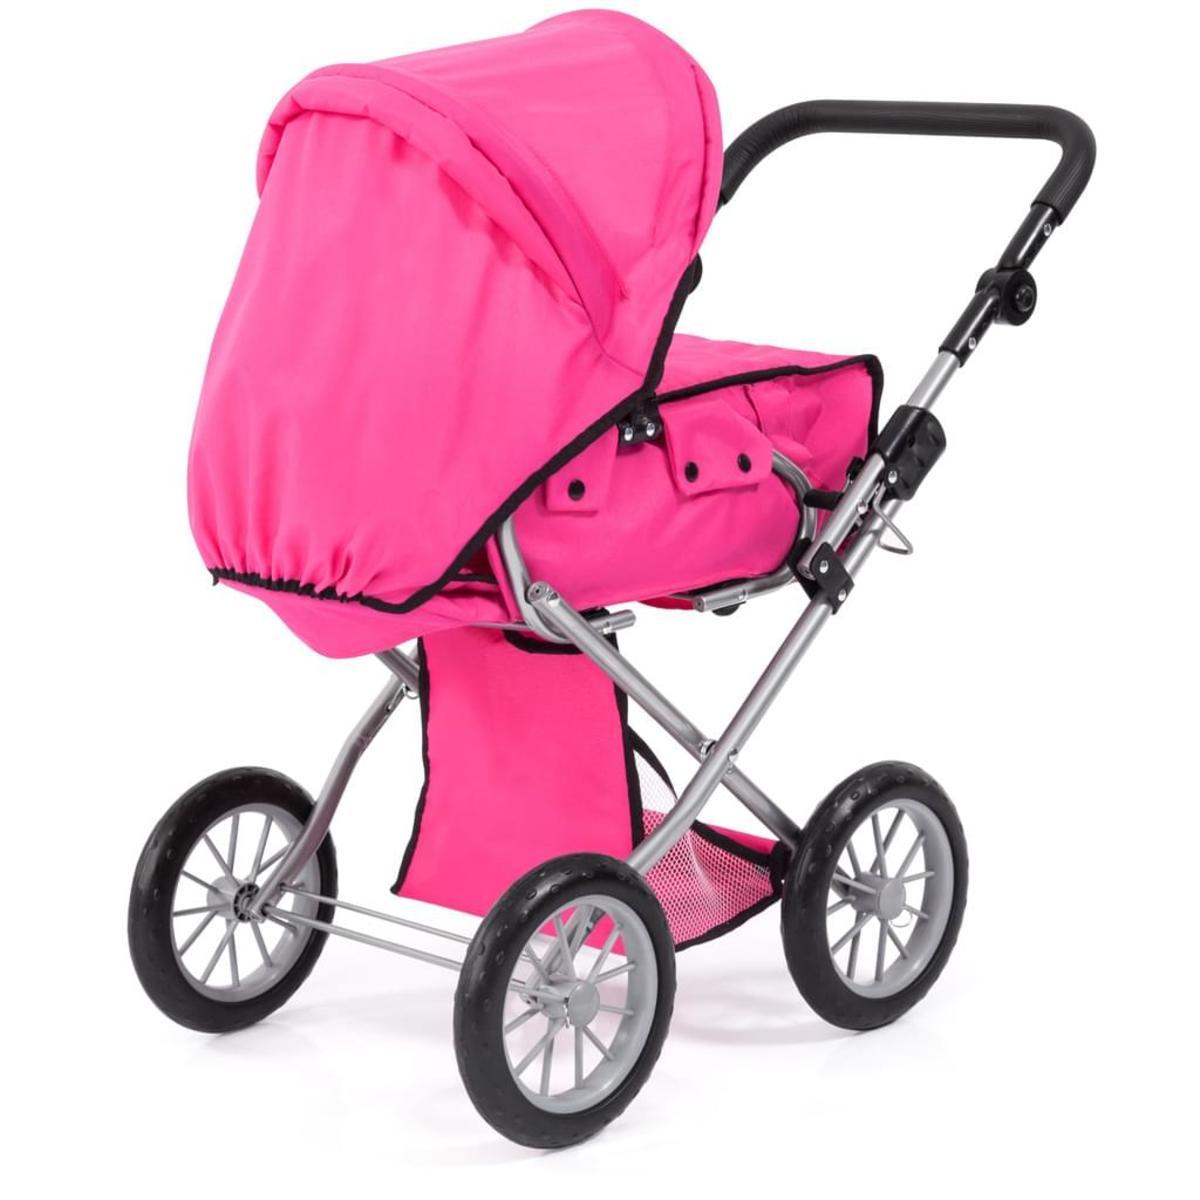 Bild 4 von Puppenwagen City Star pink